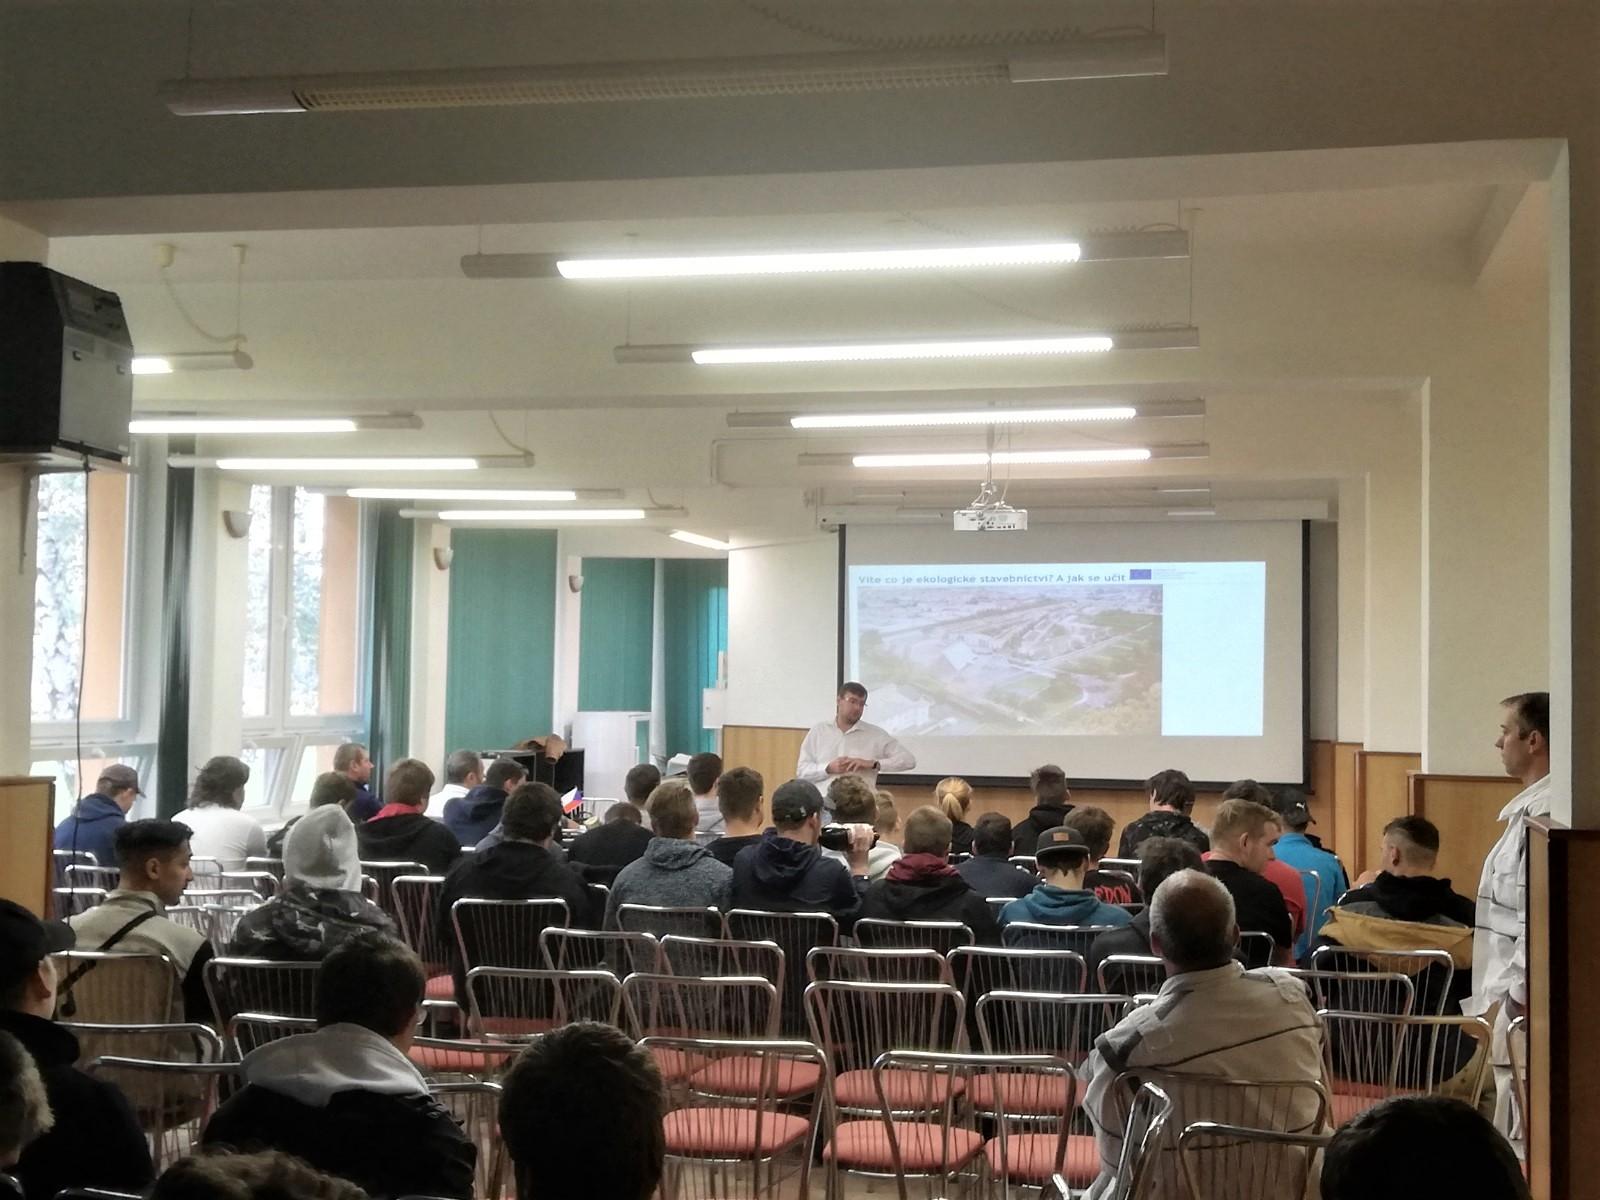 Semináře propagující stavební a dřevozpracující obory a architekturu